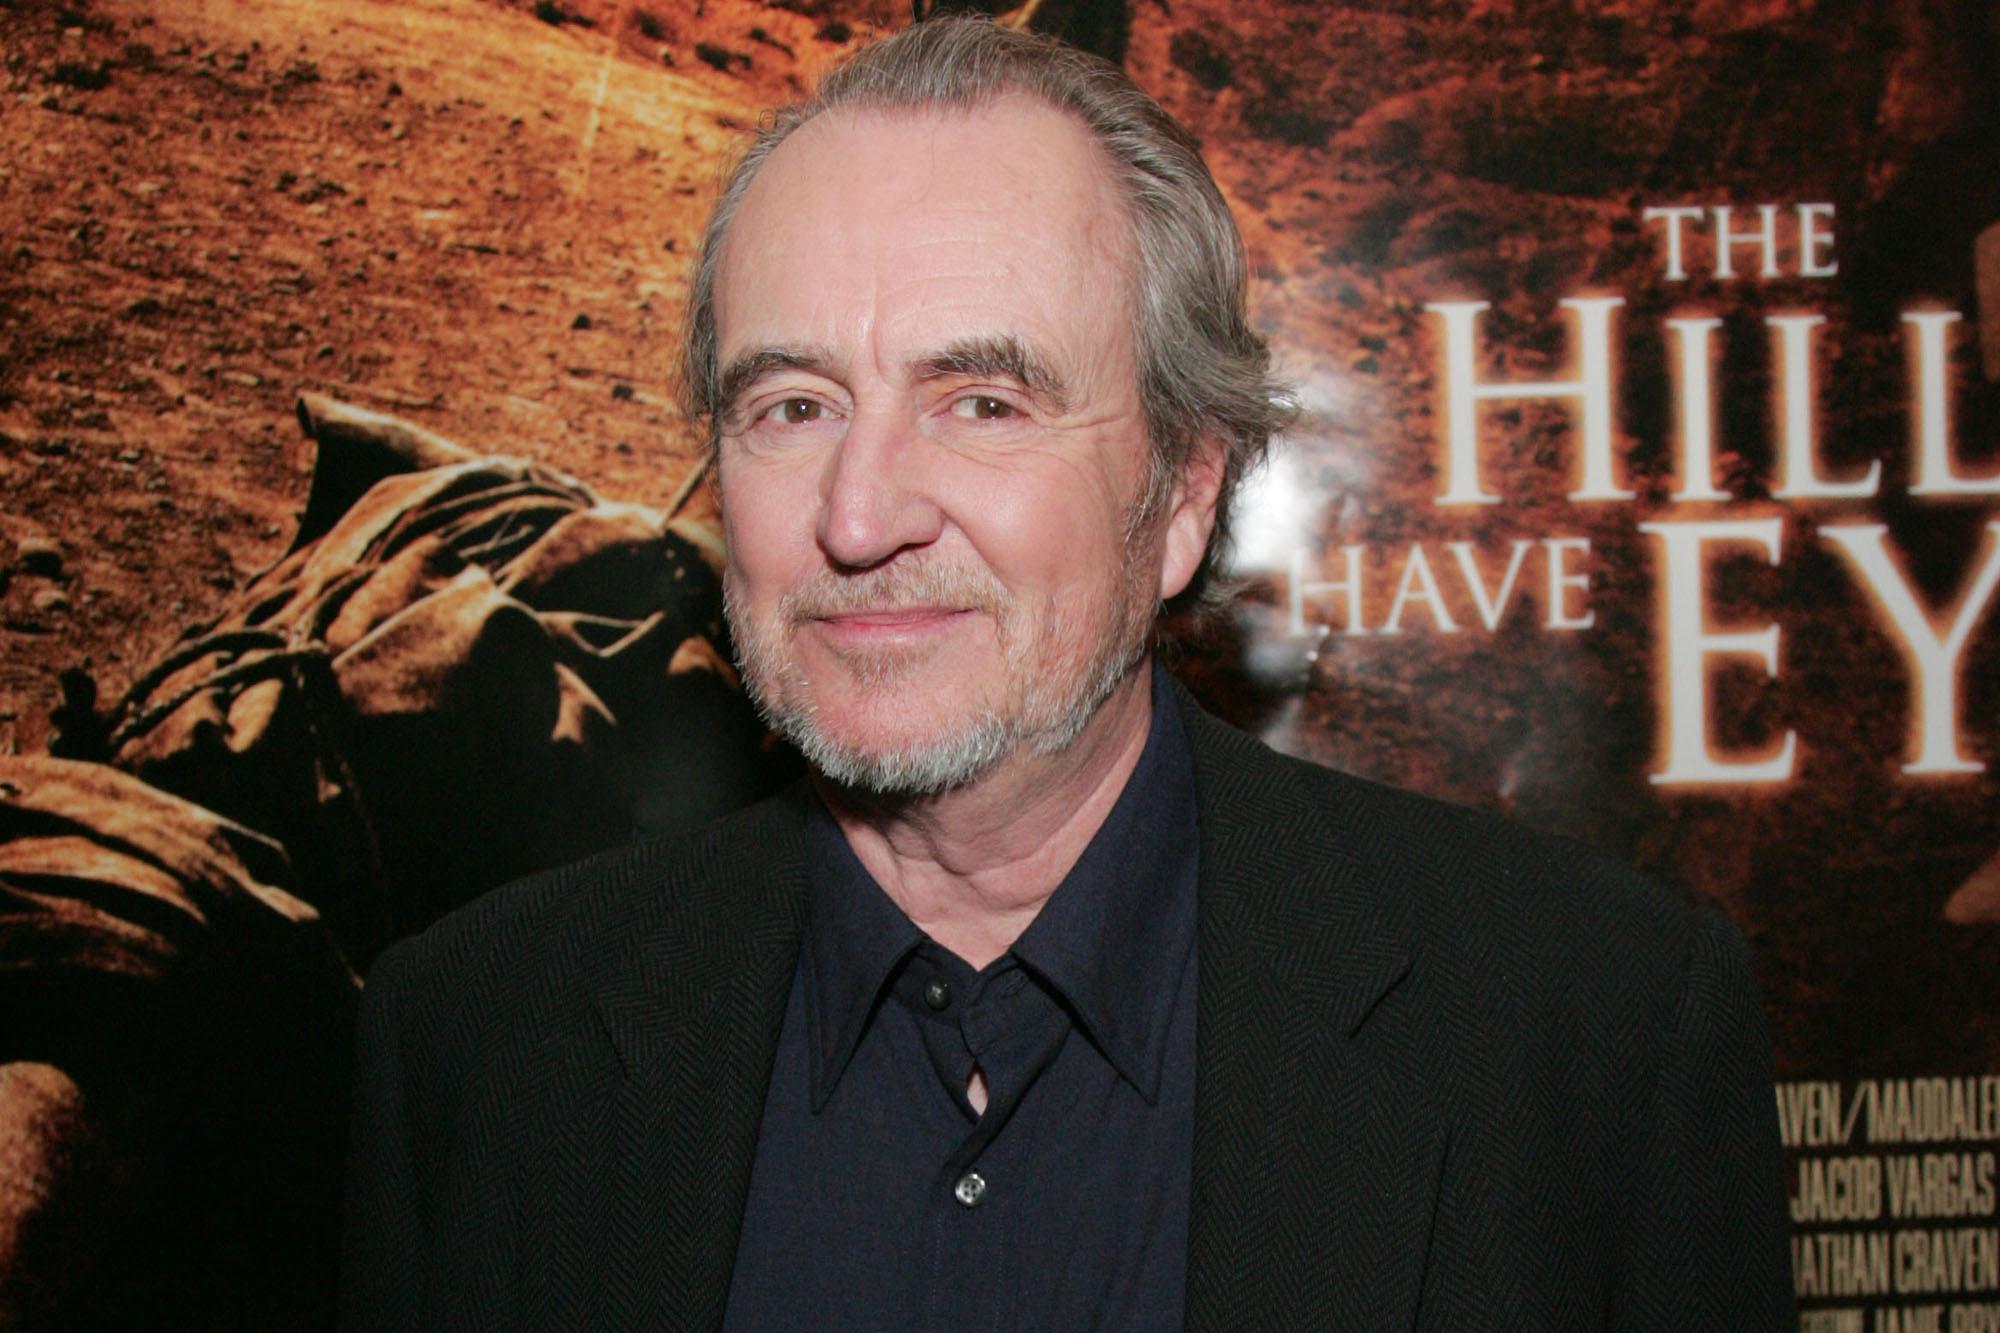 Wes Craven, 1939 – 2015